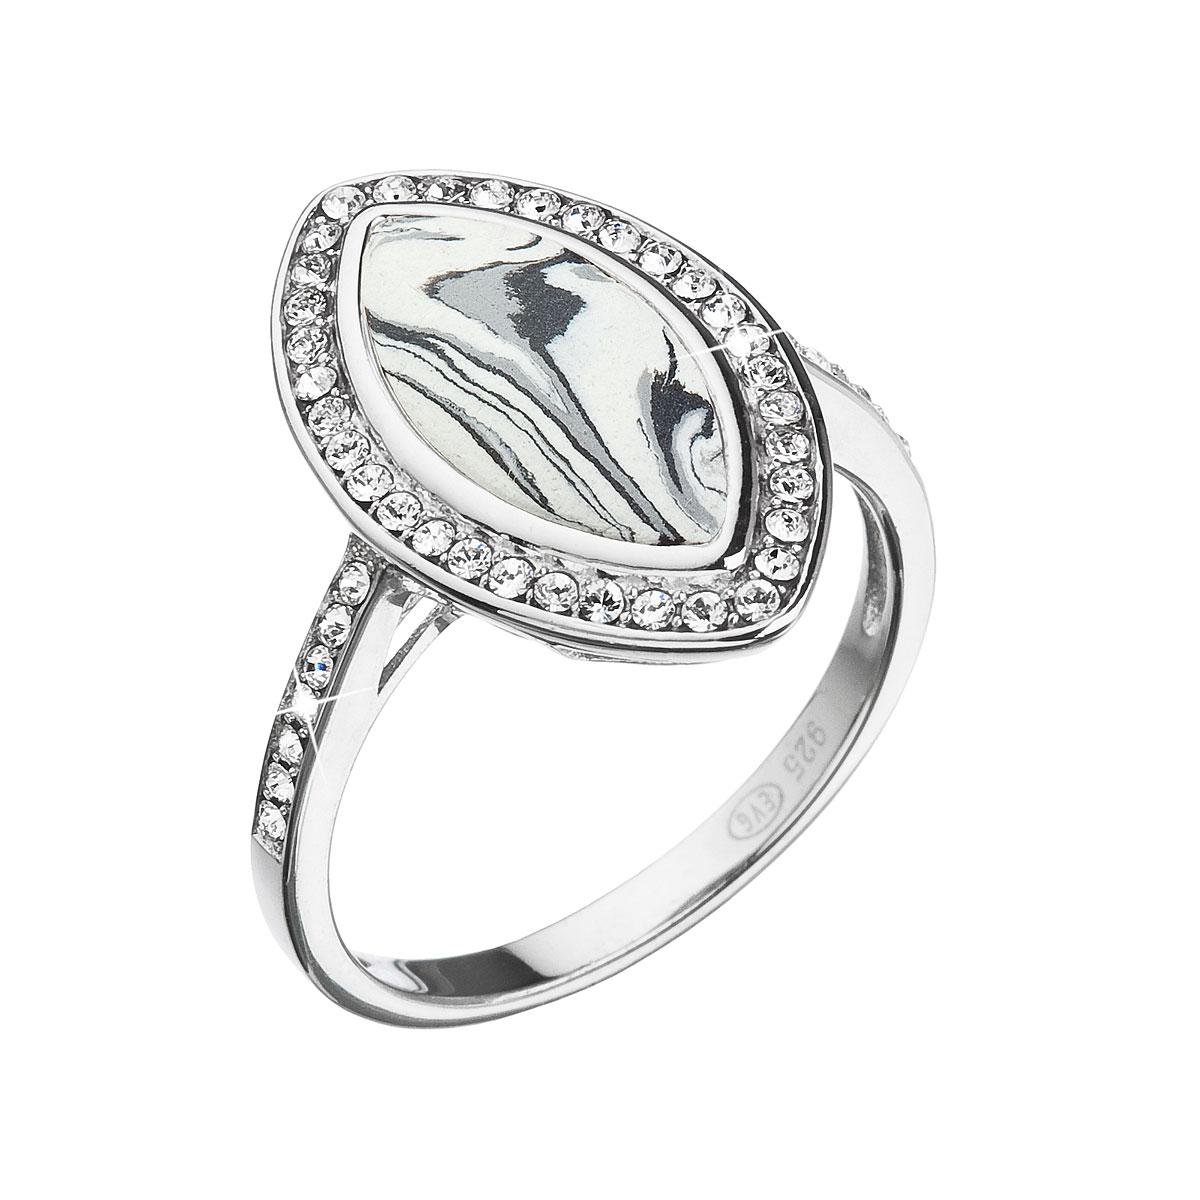 Strieborný prsteň ovál čiernobiely mramor so Swarovski kryštálmi 75013.1